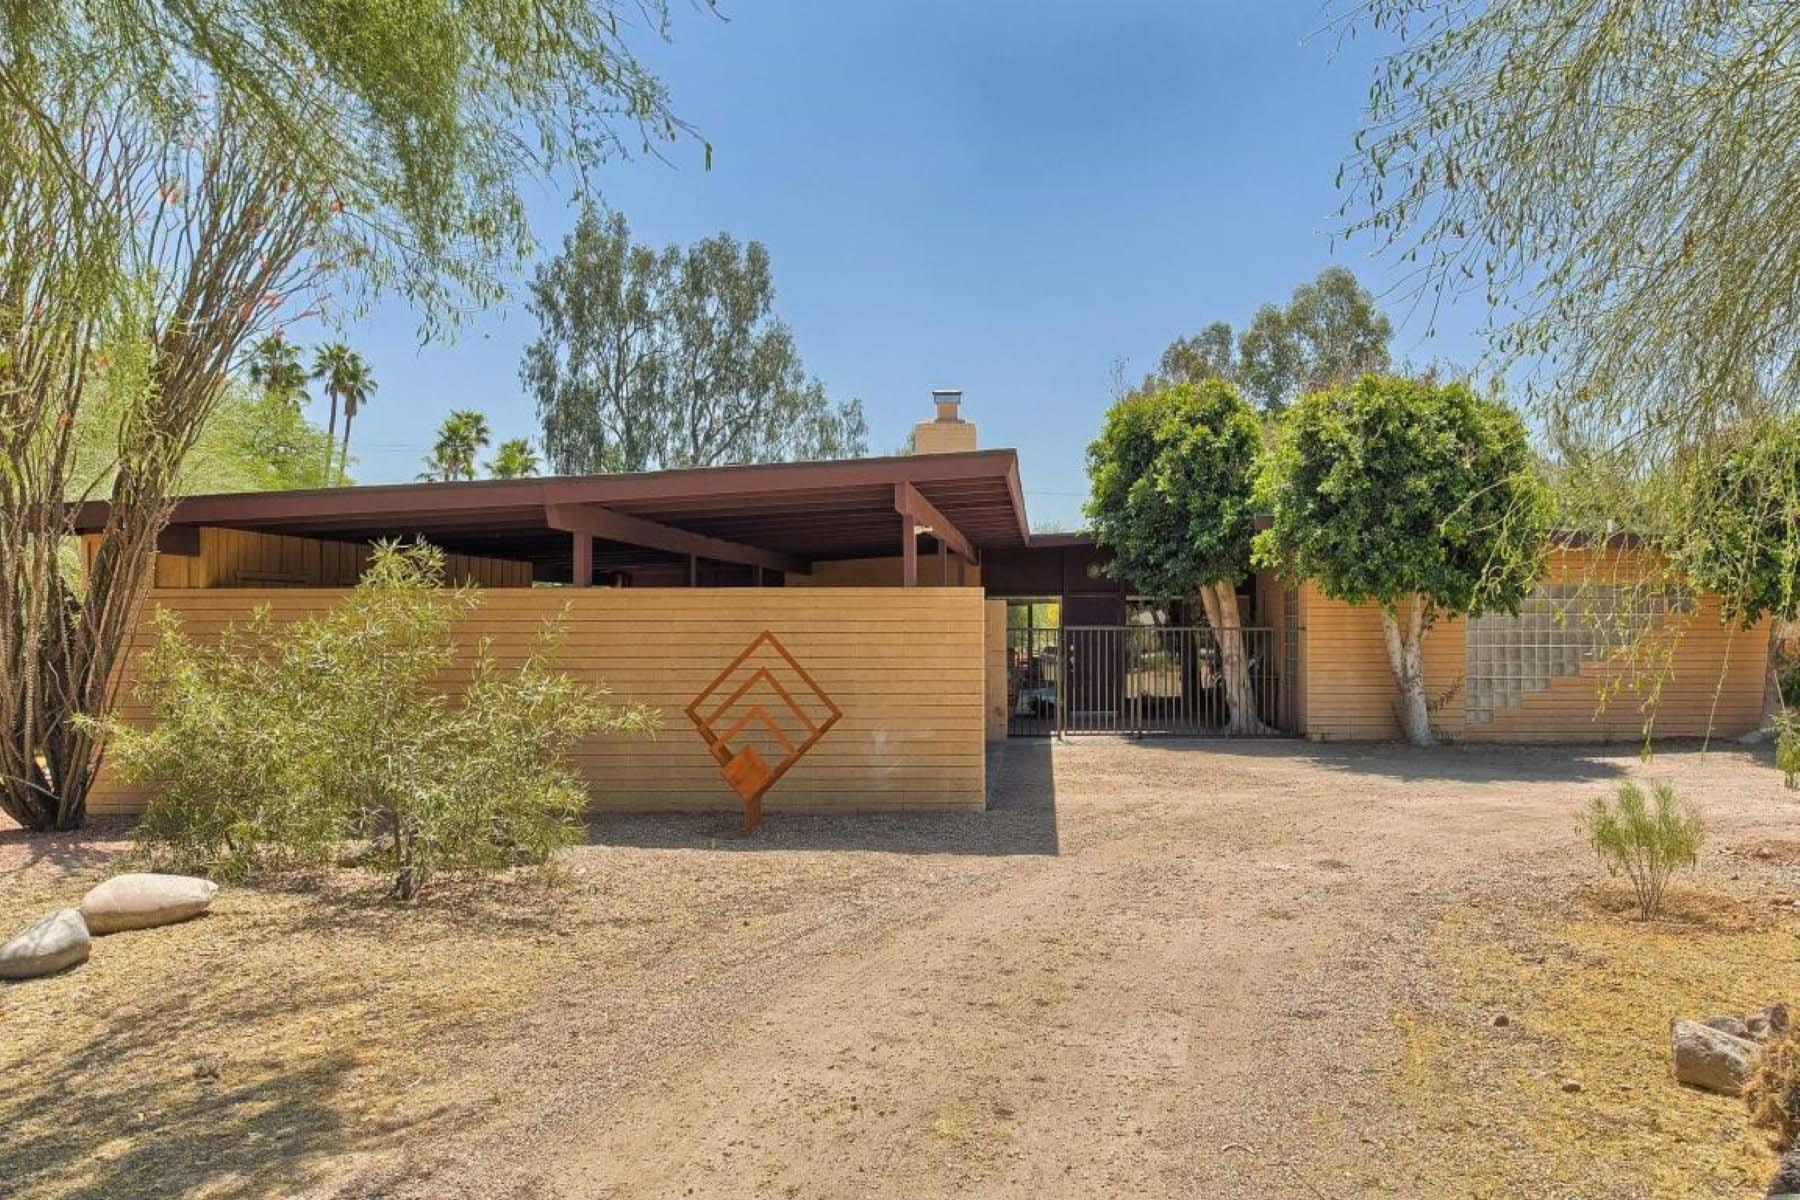 Maison unifamiliale pour l Vente à Located on more than one-half acre in Marion Estates. 4107 E SAN MIGUEL AVE Phoenix, Arizona 85018 États-Unis